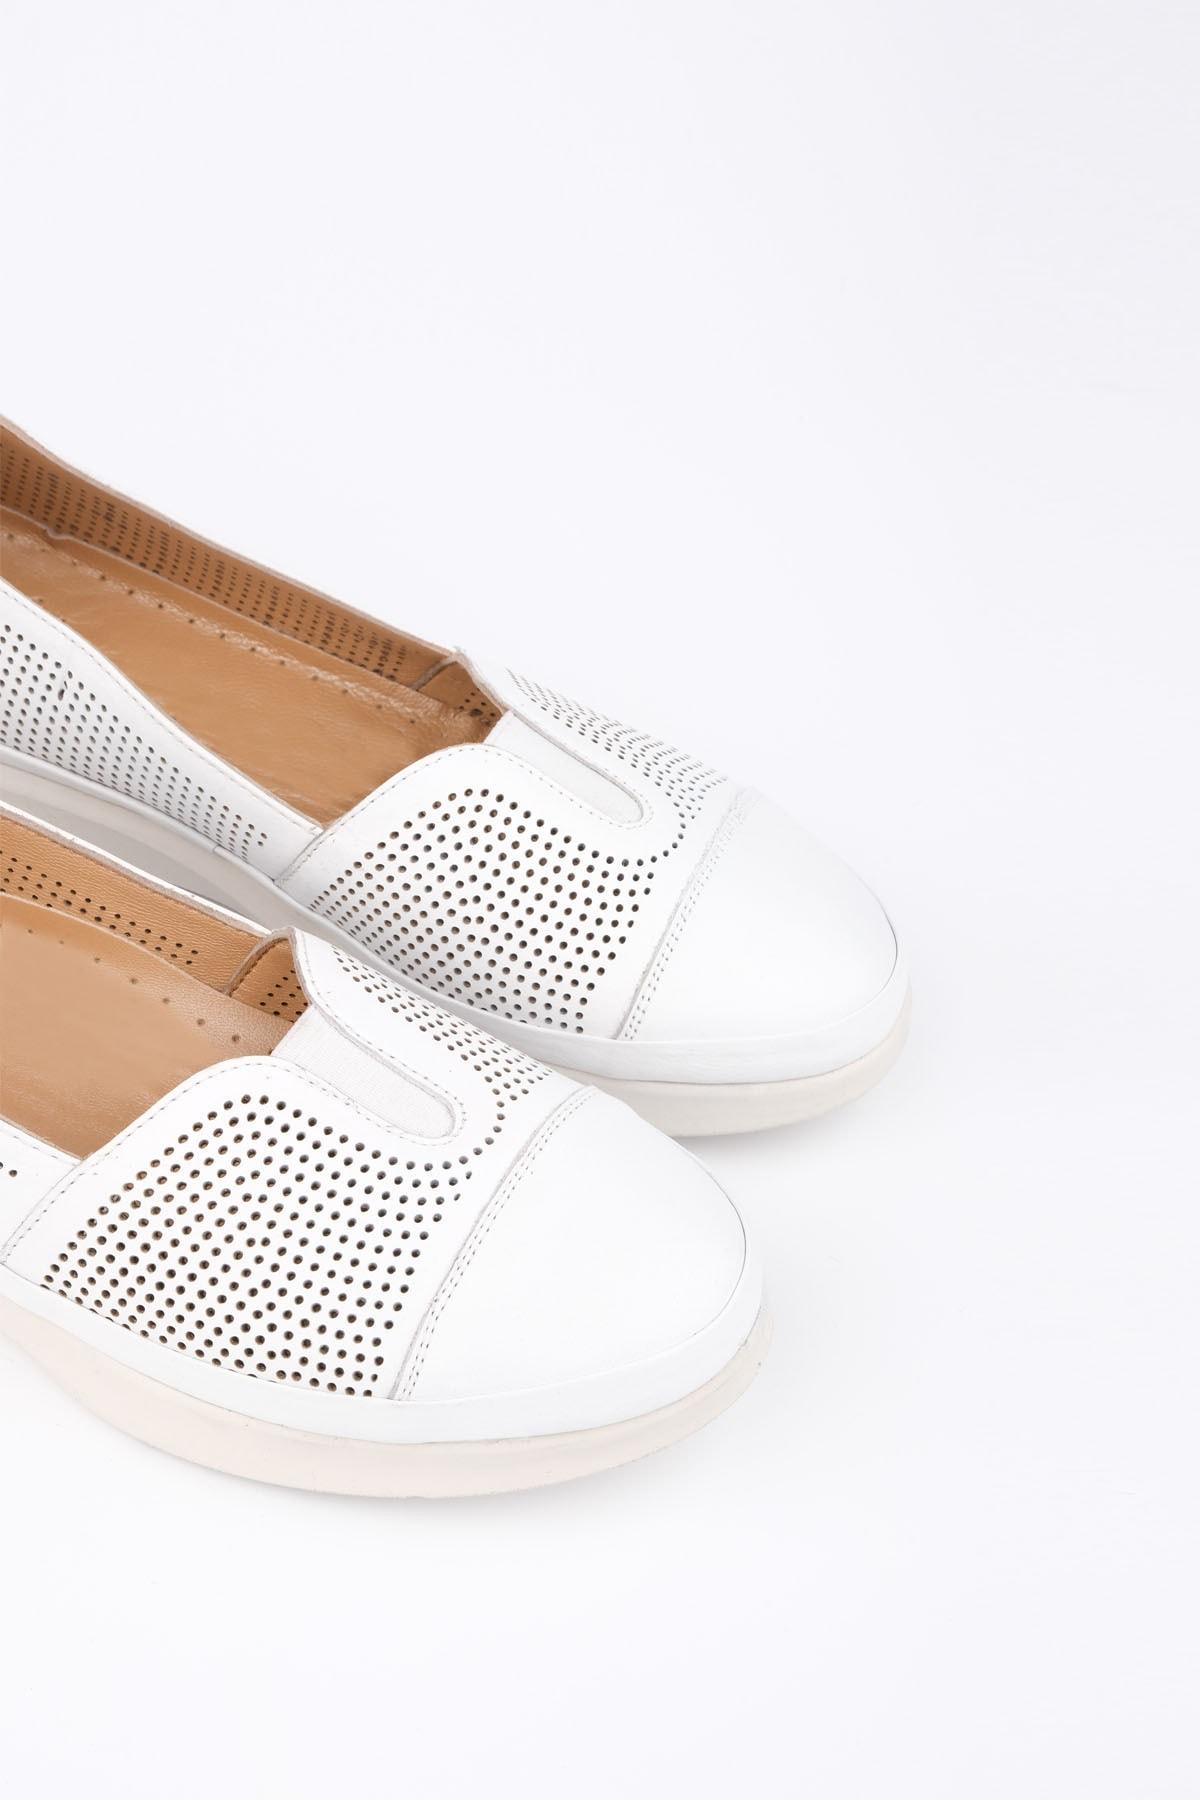 Marjin Kadın Beyaz Hakiki Deri Comfort Ayakkabı Vona 3